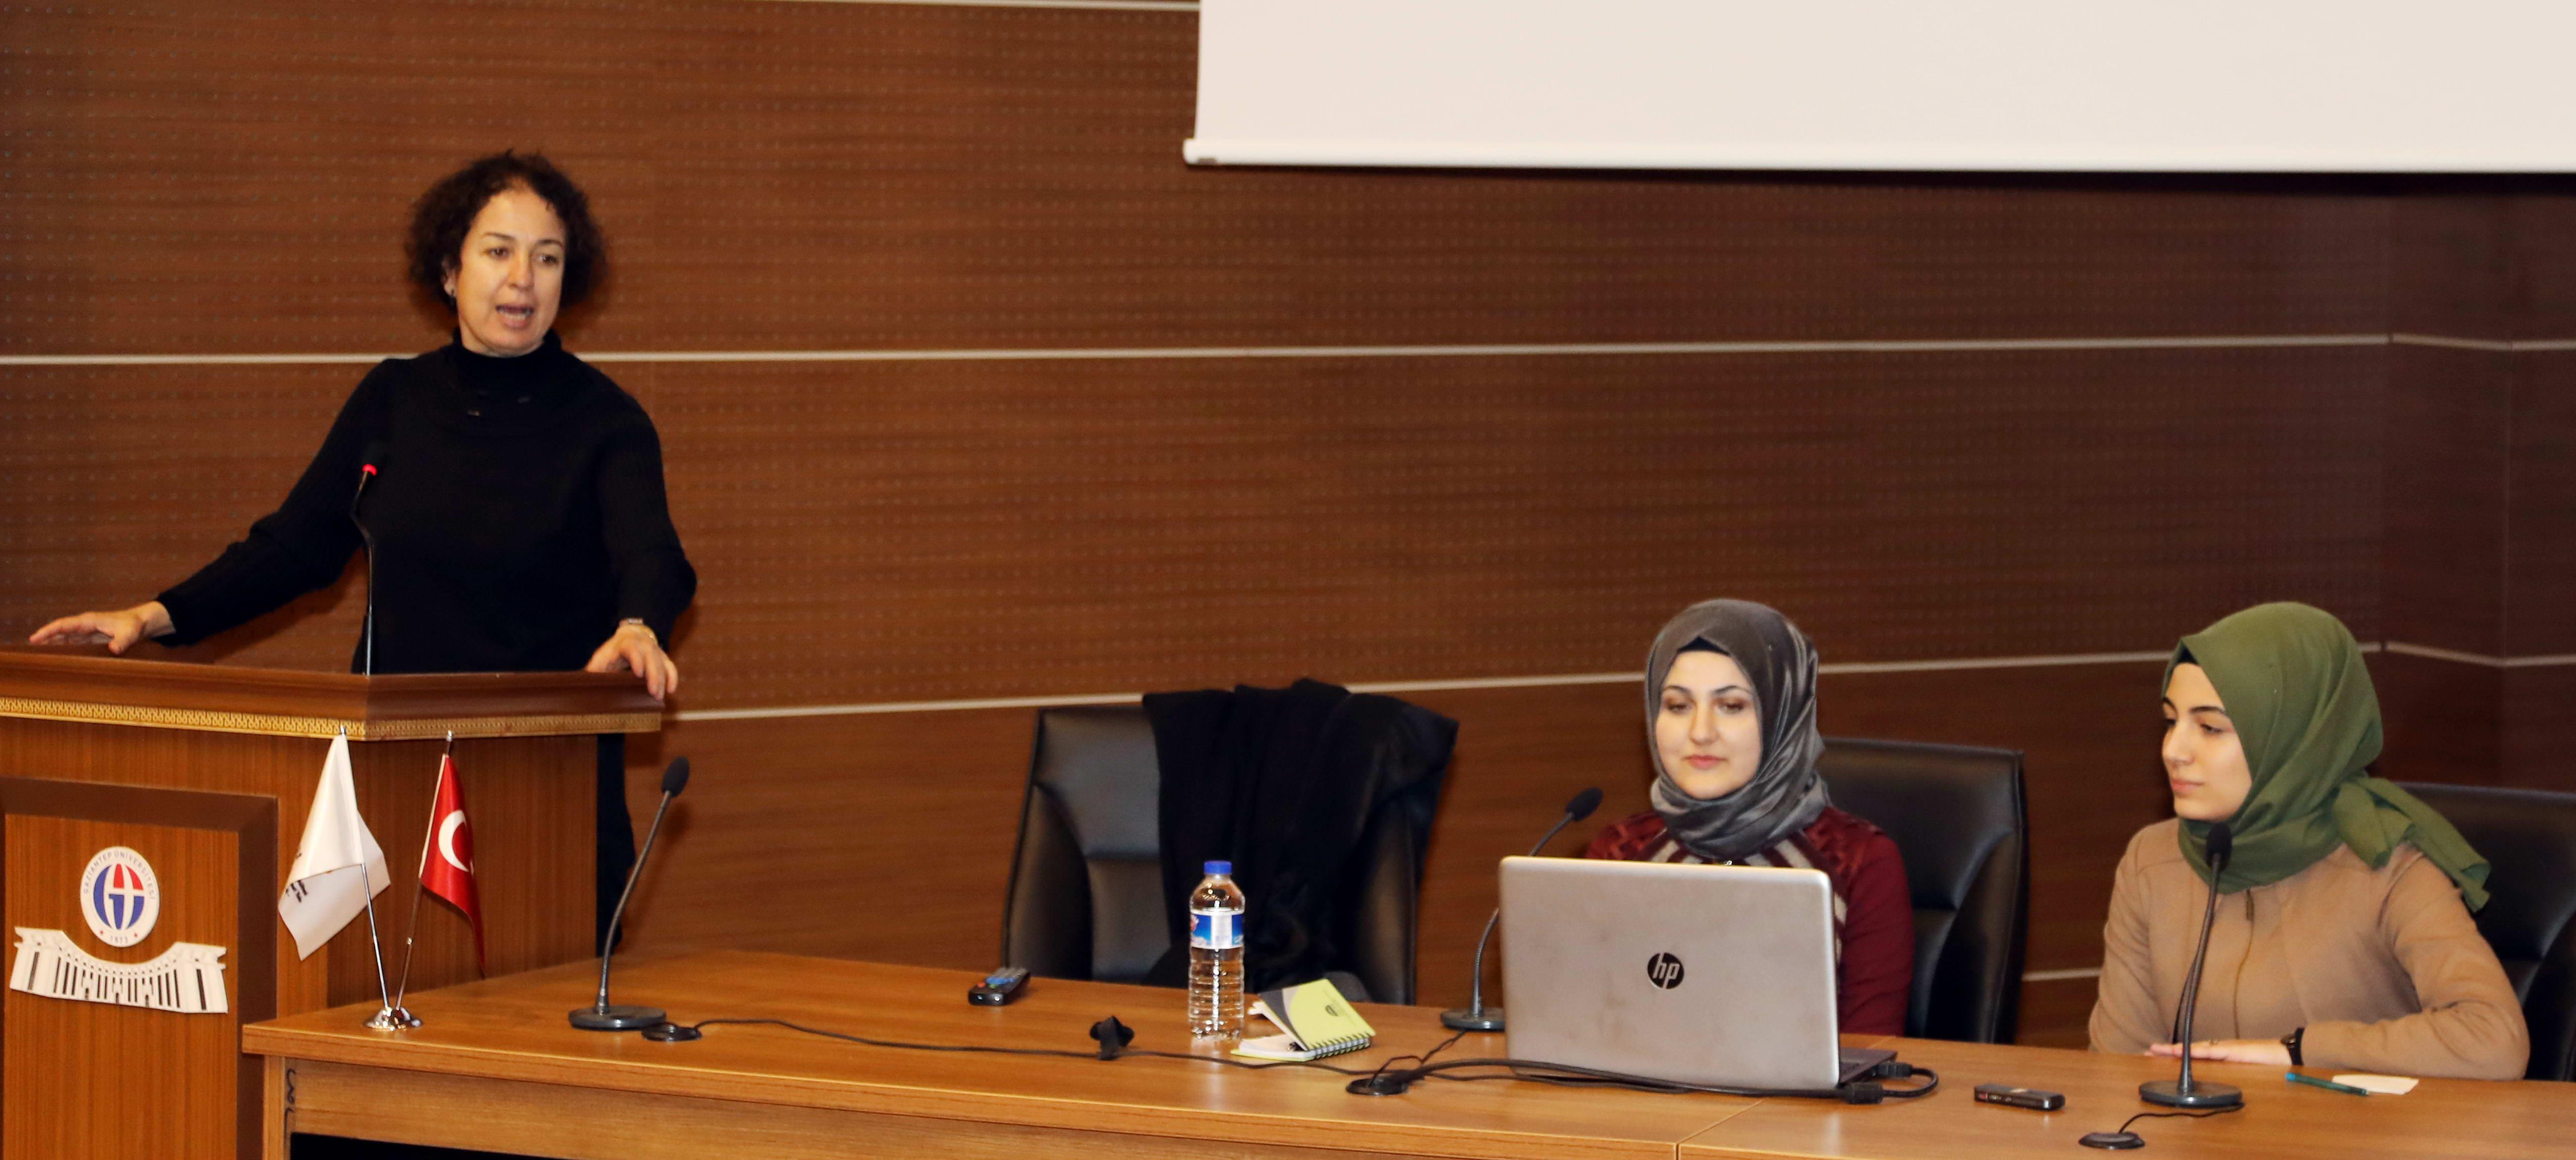 GAÜN Rektör Yardımcısı Prof. Dr. Demir_Mutlaka yurt dışına gidip bir tecrübe edinin -  (1)